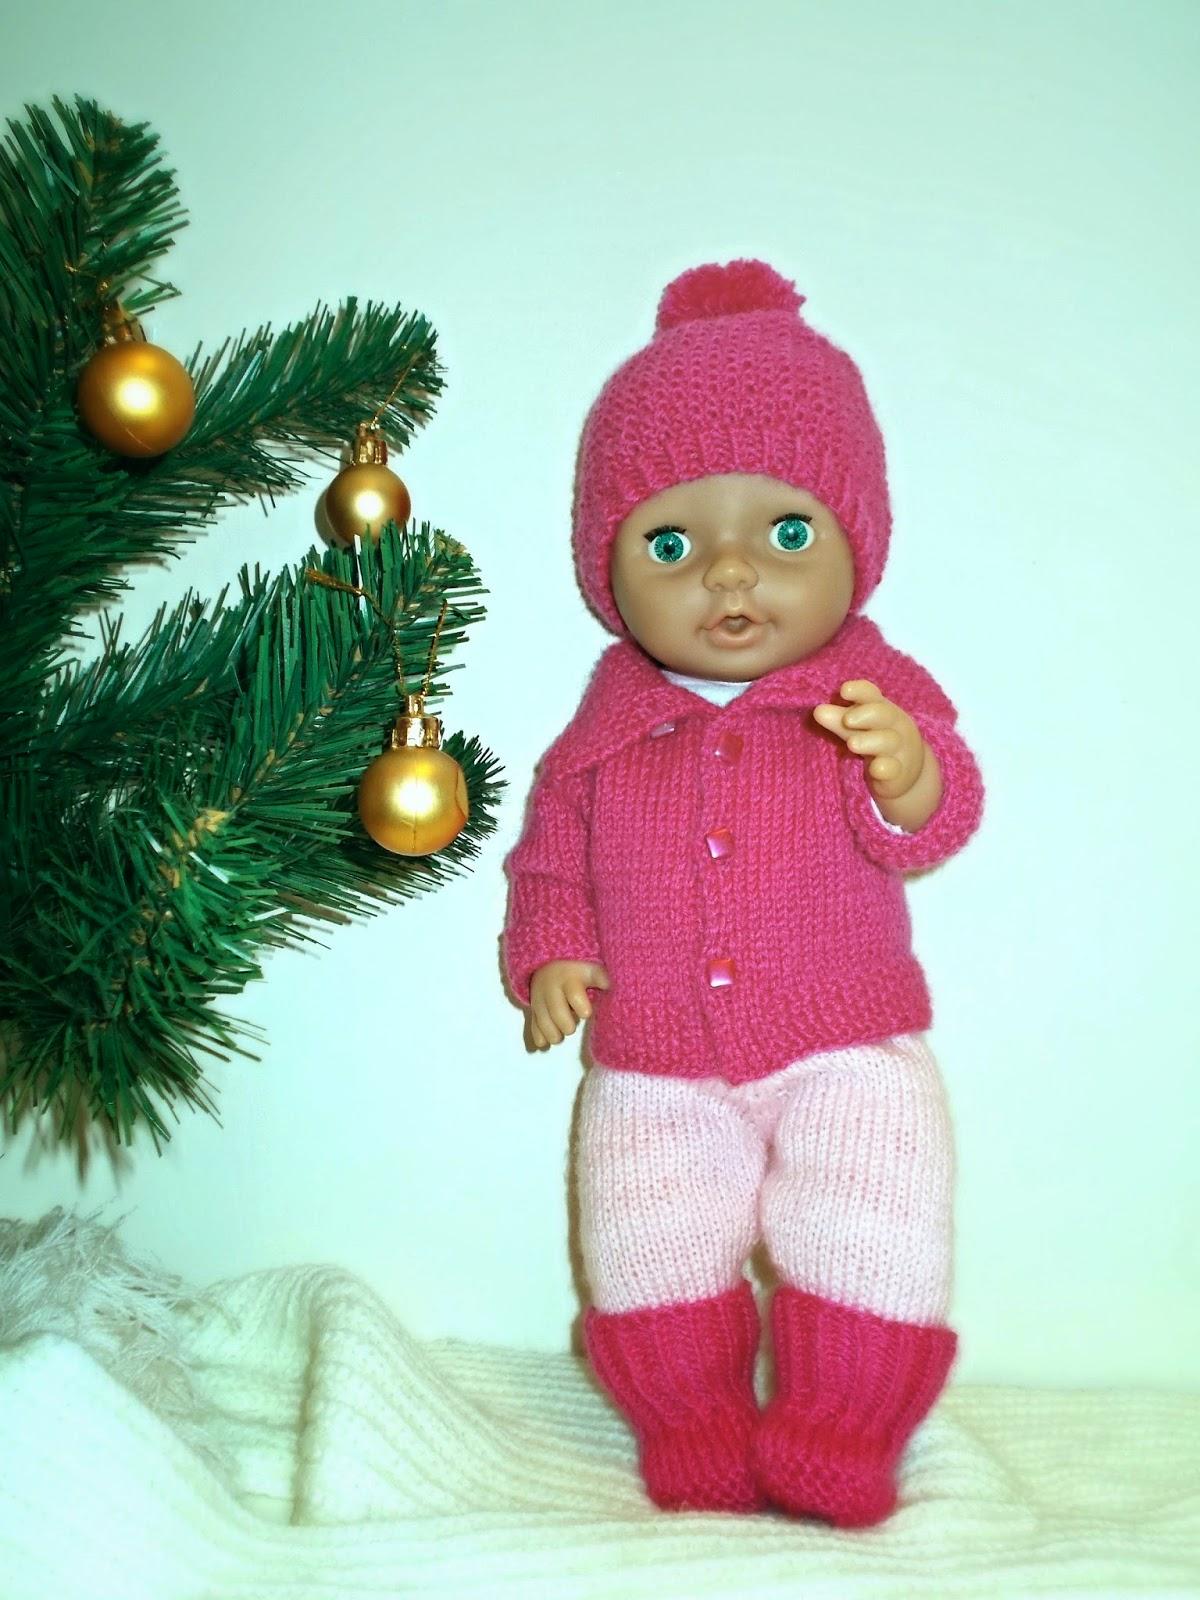 одежда для кукол, вязаная одежда для кукол, Беби Бон, вязание спицами, розовый, игрушка, Новый Год, подарок детям, своими руками, handmade